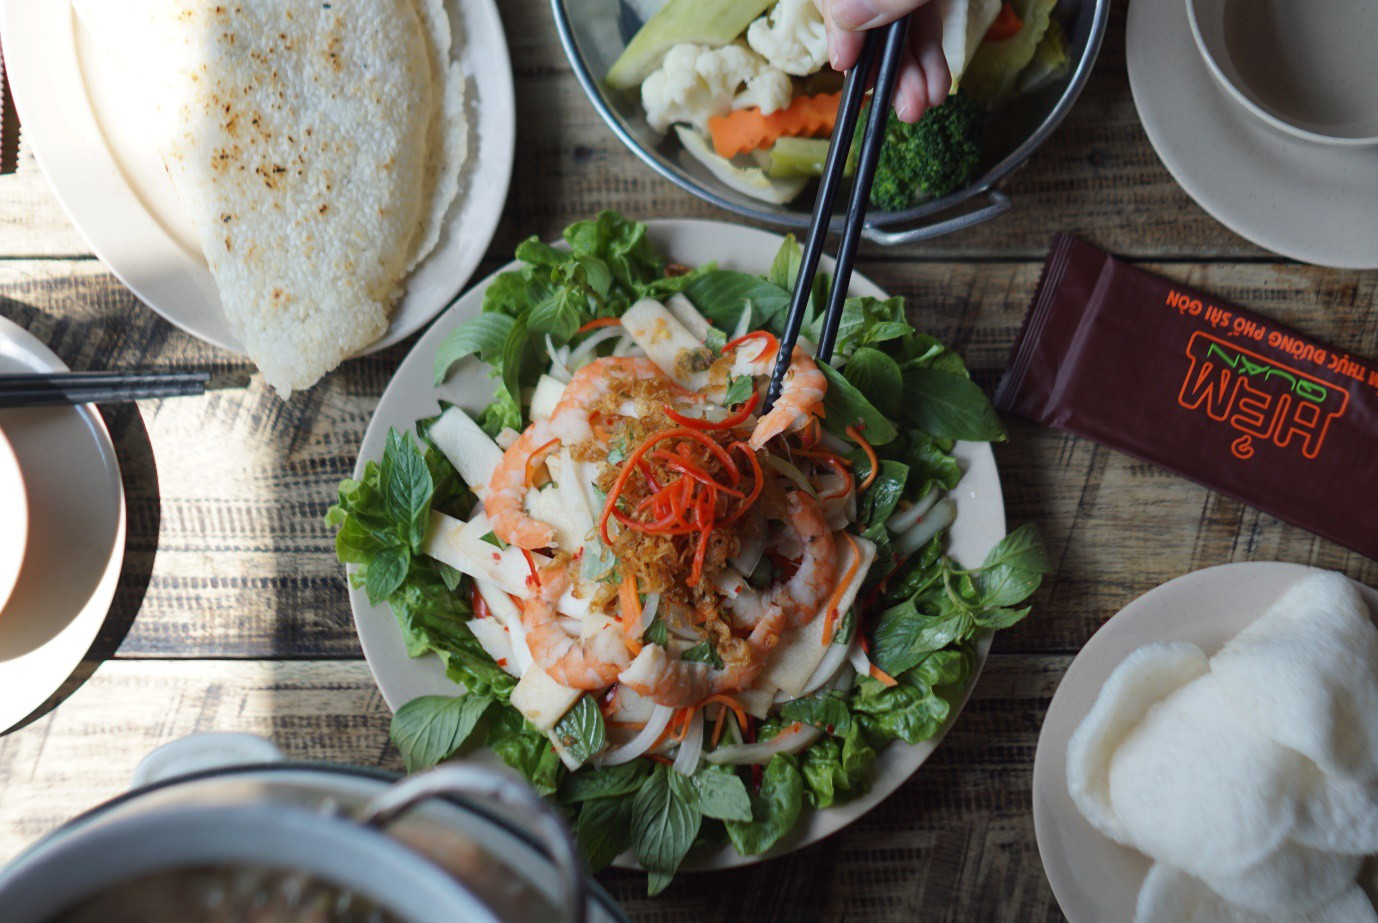 Hẻm Quán: Văn hoá ẩm thực Sài Gòn giữa lòng Hà Nội - Ảnh 3.